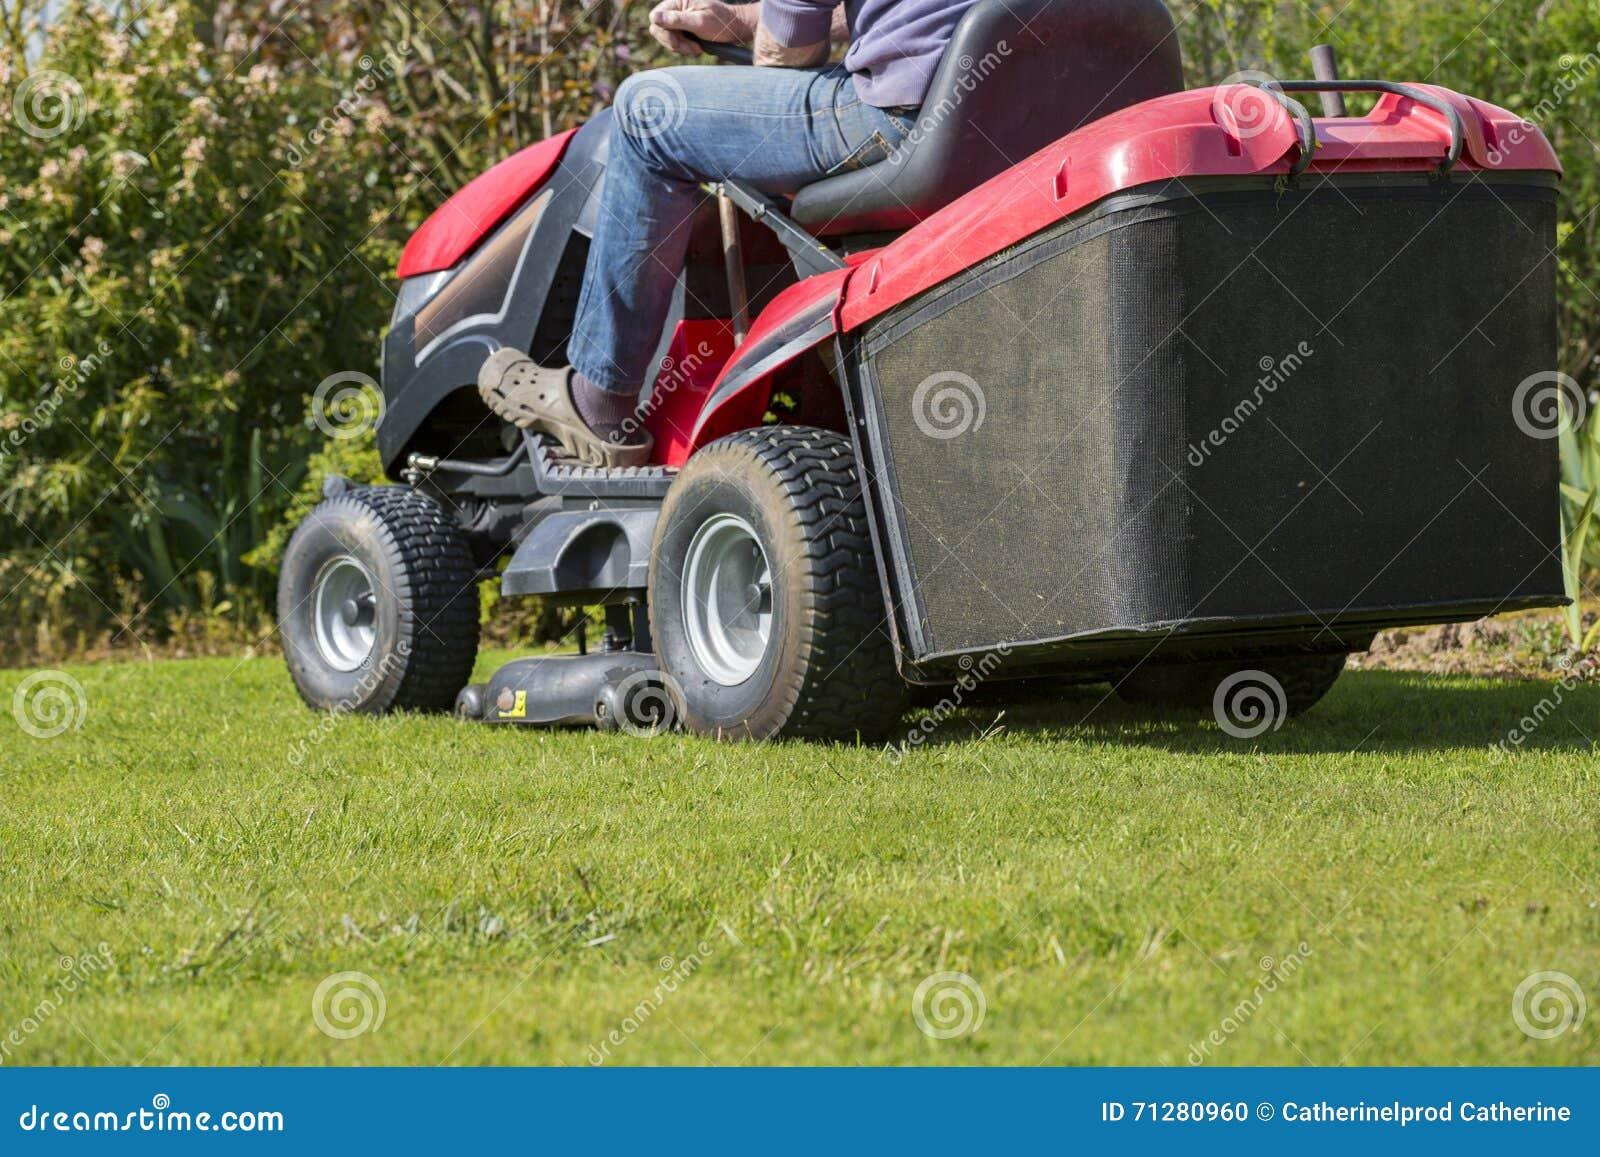 Fauchage de la pelouse avec le tracteur